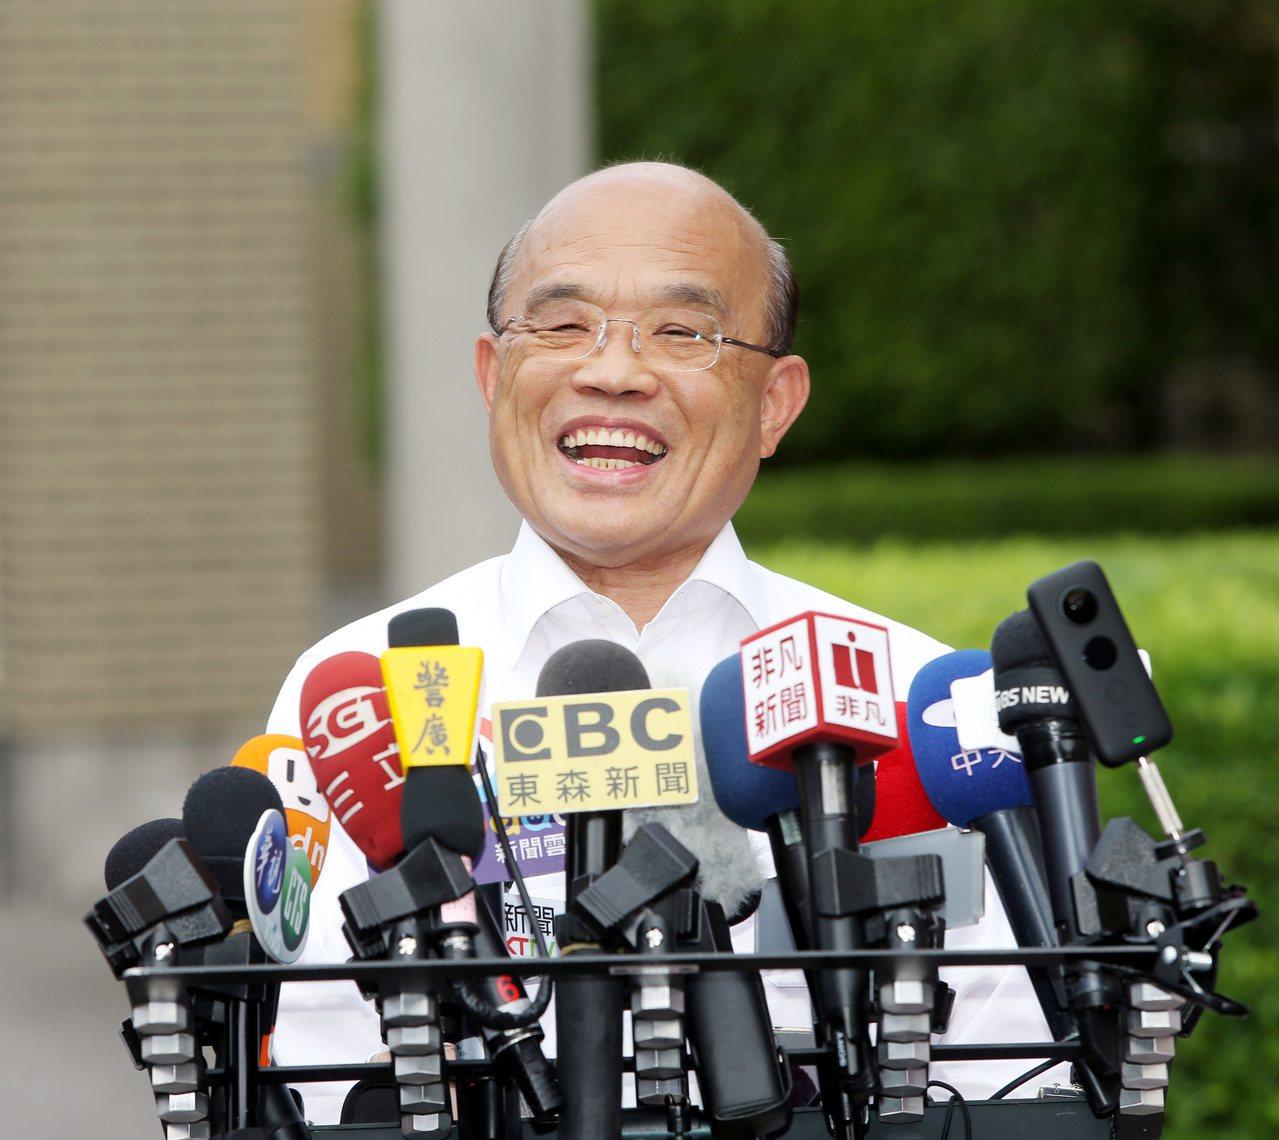 行政院長蘇貞昌昨天主持行政院中元節普渡,上香祭拜後接受媒體訪問。記者邱德祥/攝影